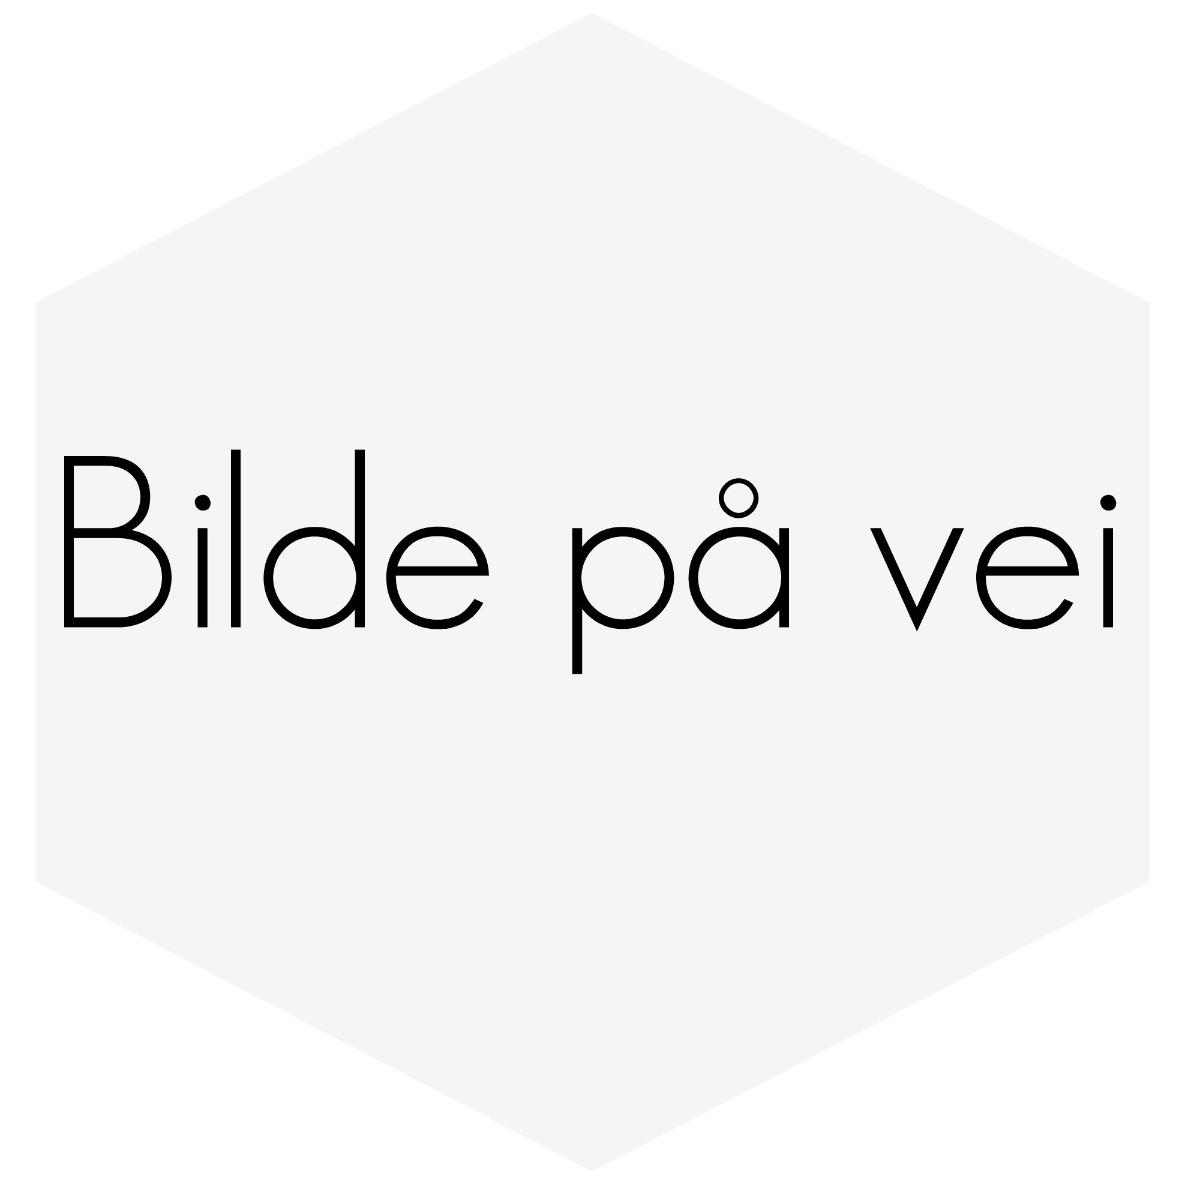 HOVEDLAMPE S/V40-03 /04 SOT HØYRE SIDE 30899879